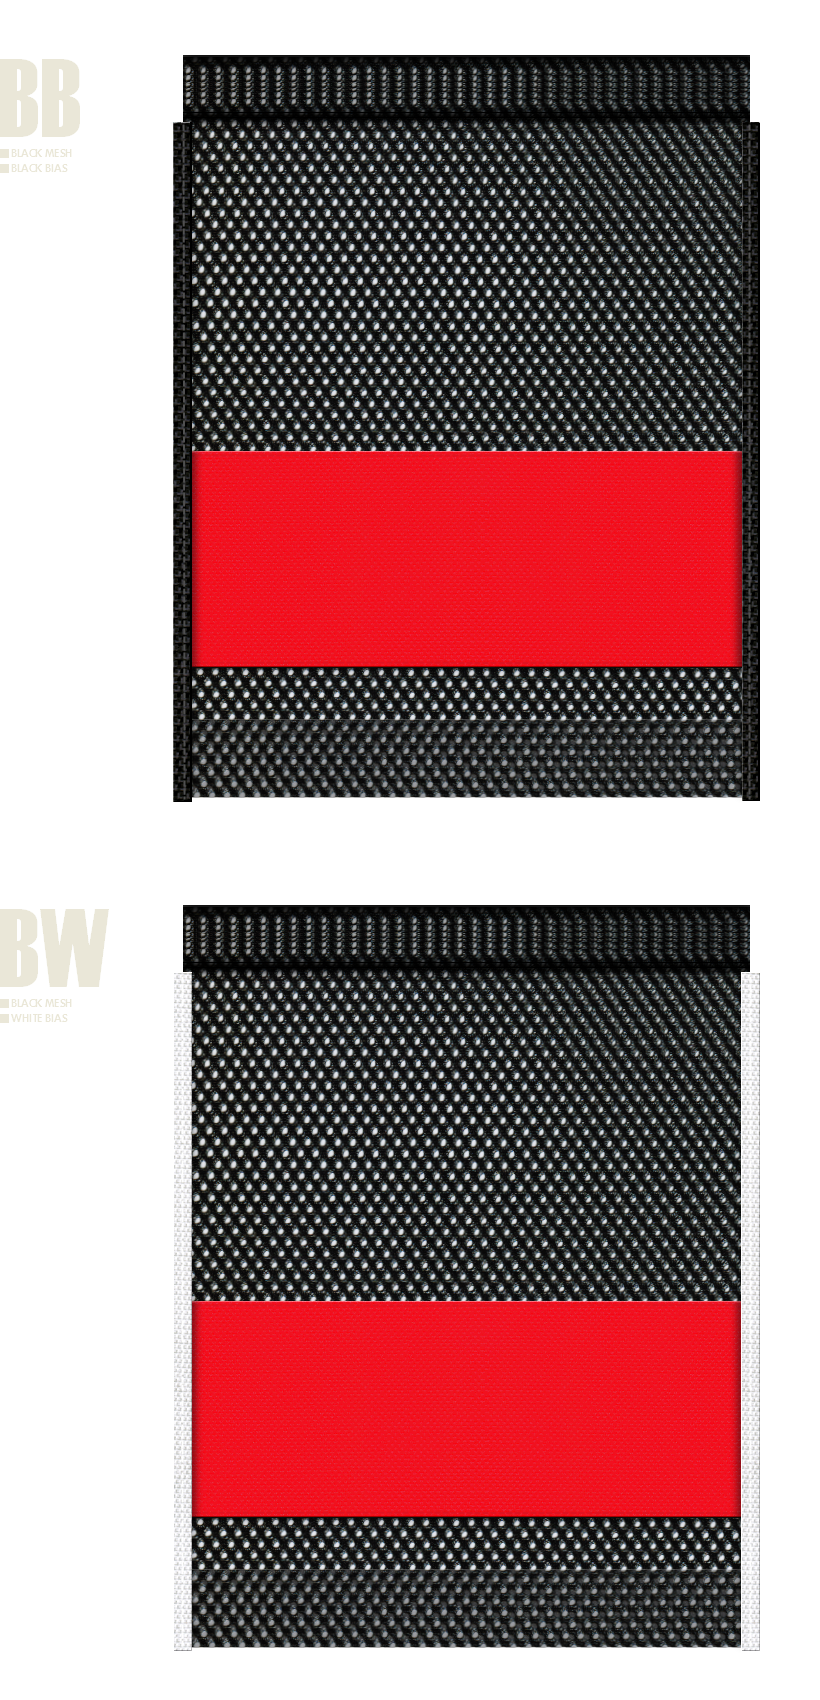 黒色メッシュと赤色不織布のメッシュバッグカラーシミュレーション:キャンプ用品・アウトドア用品・スポーツ用品・シューズバッグにお奨め